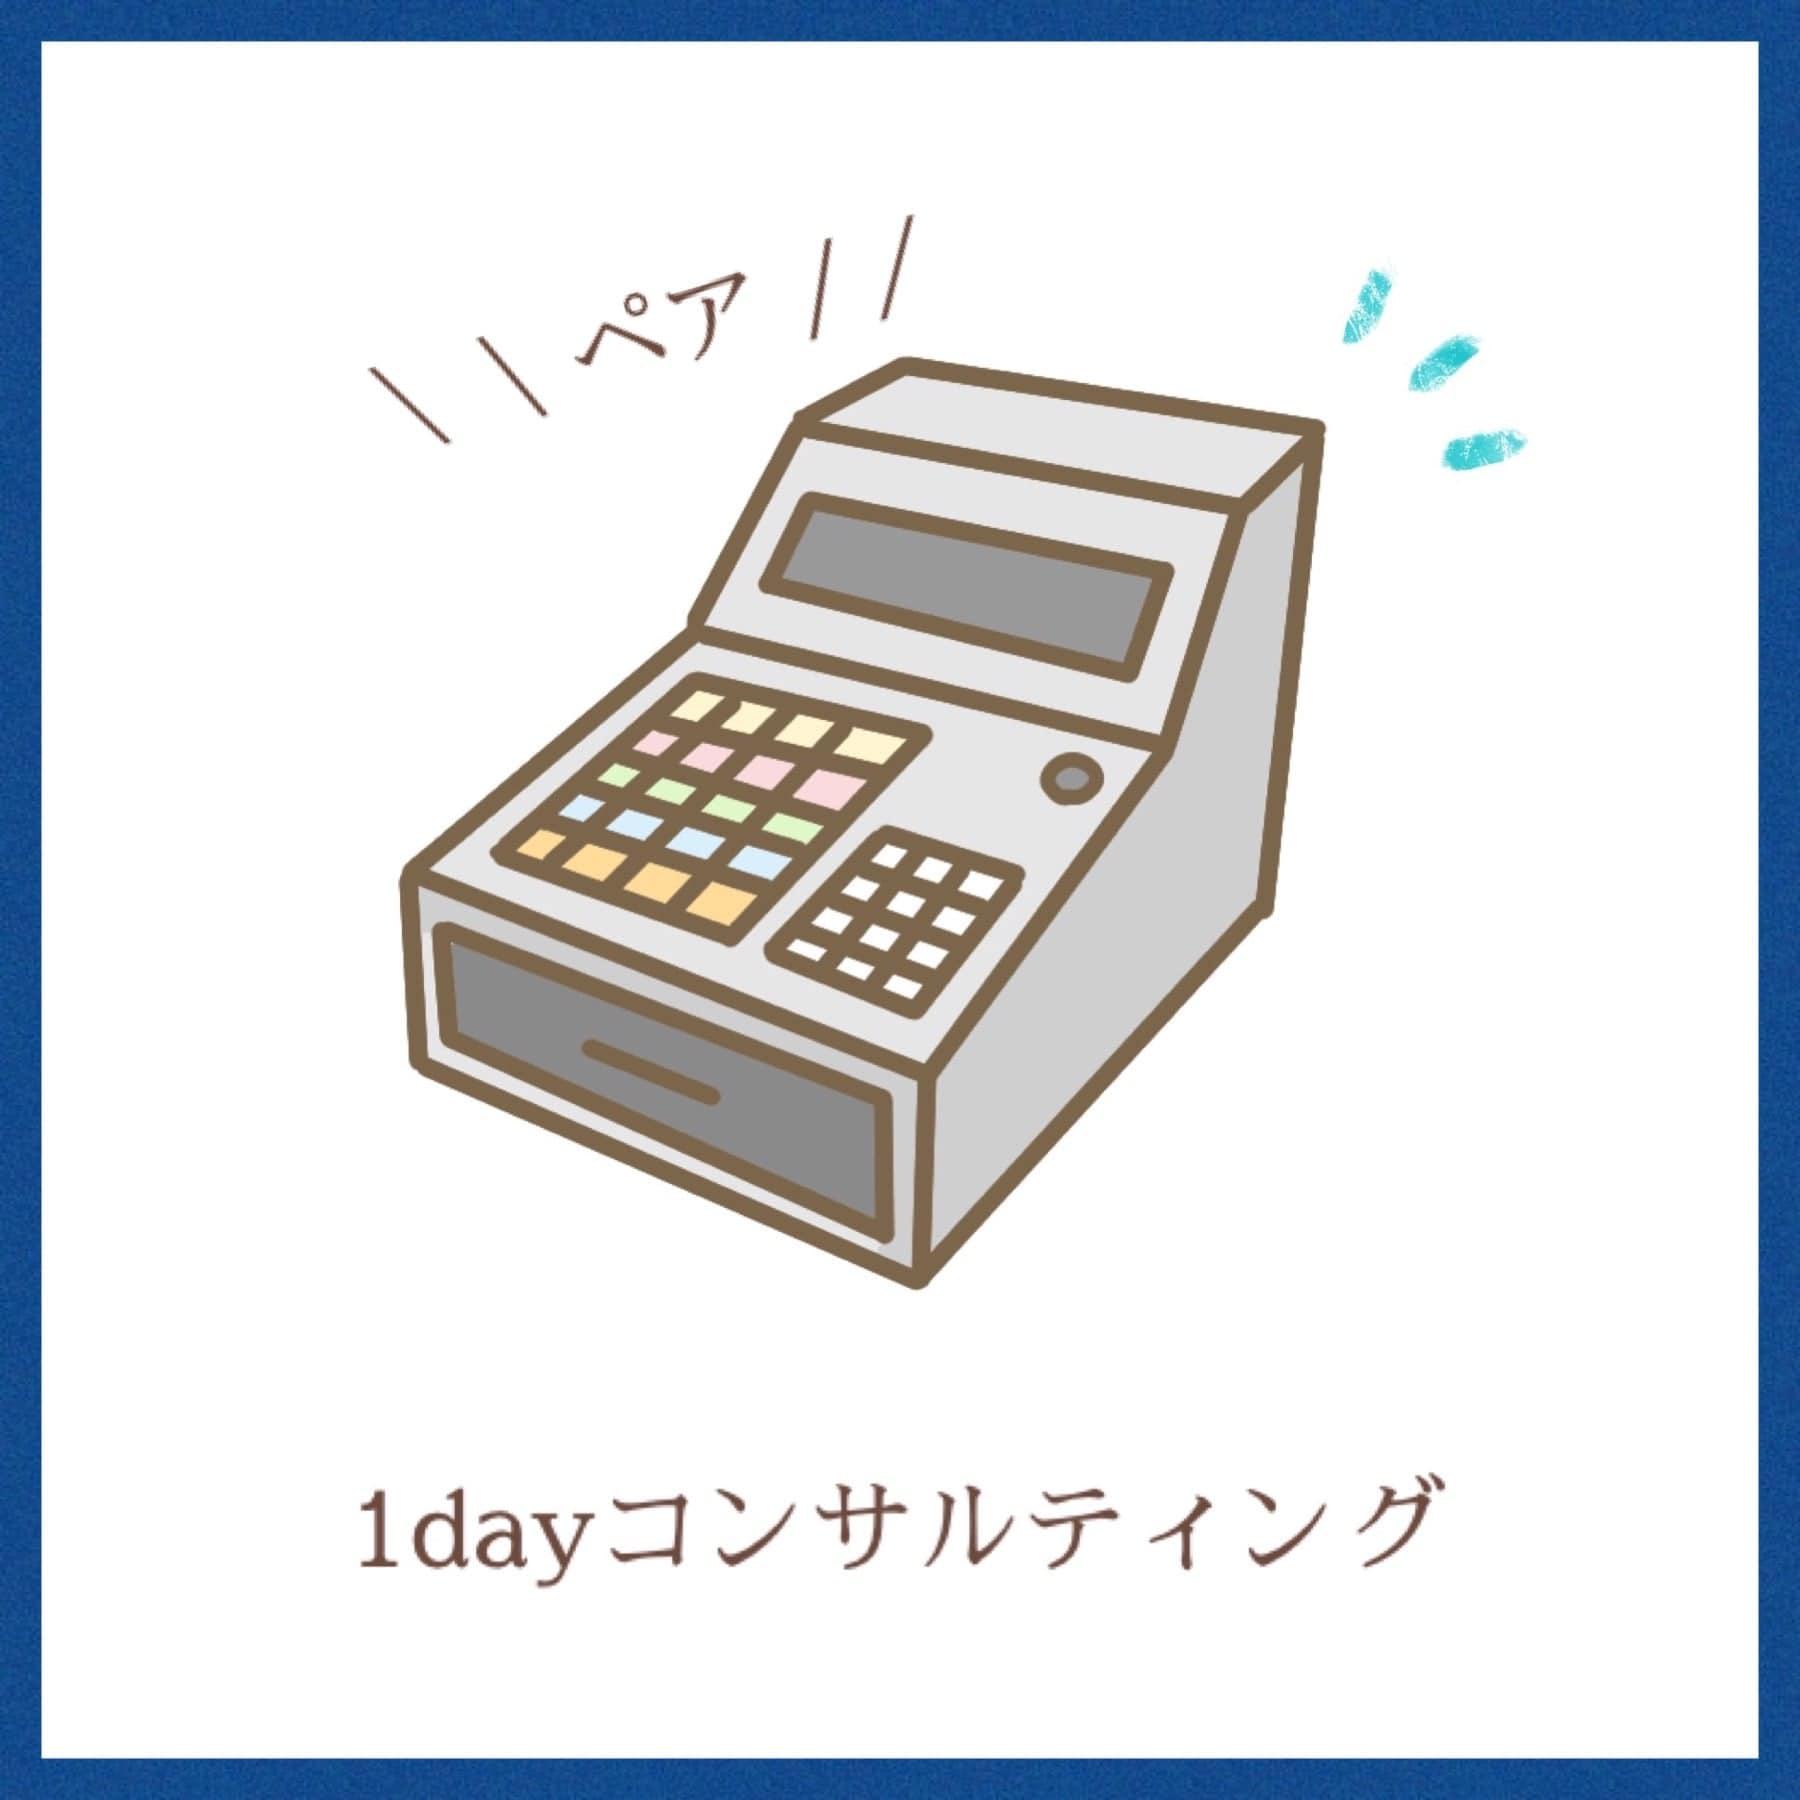 1dayコンサルティングお支払い専用[ペア価格]のイメージその1